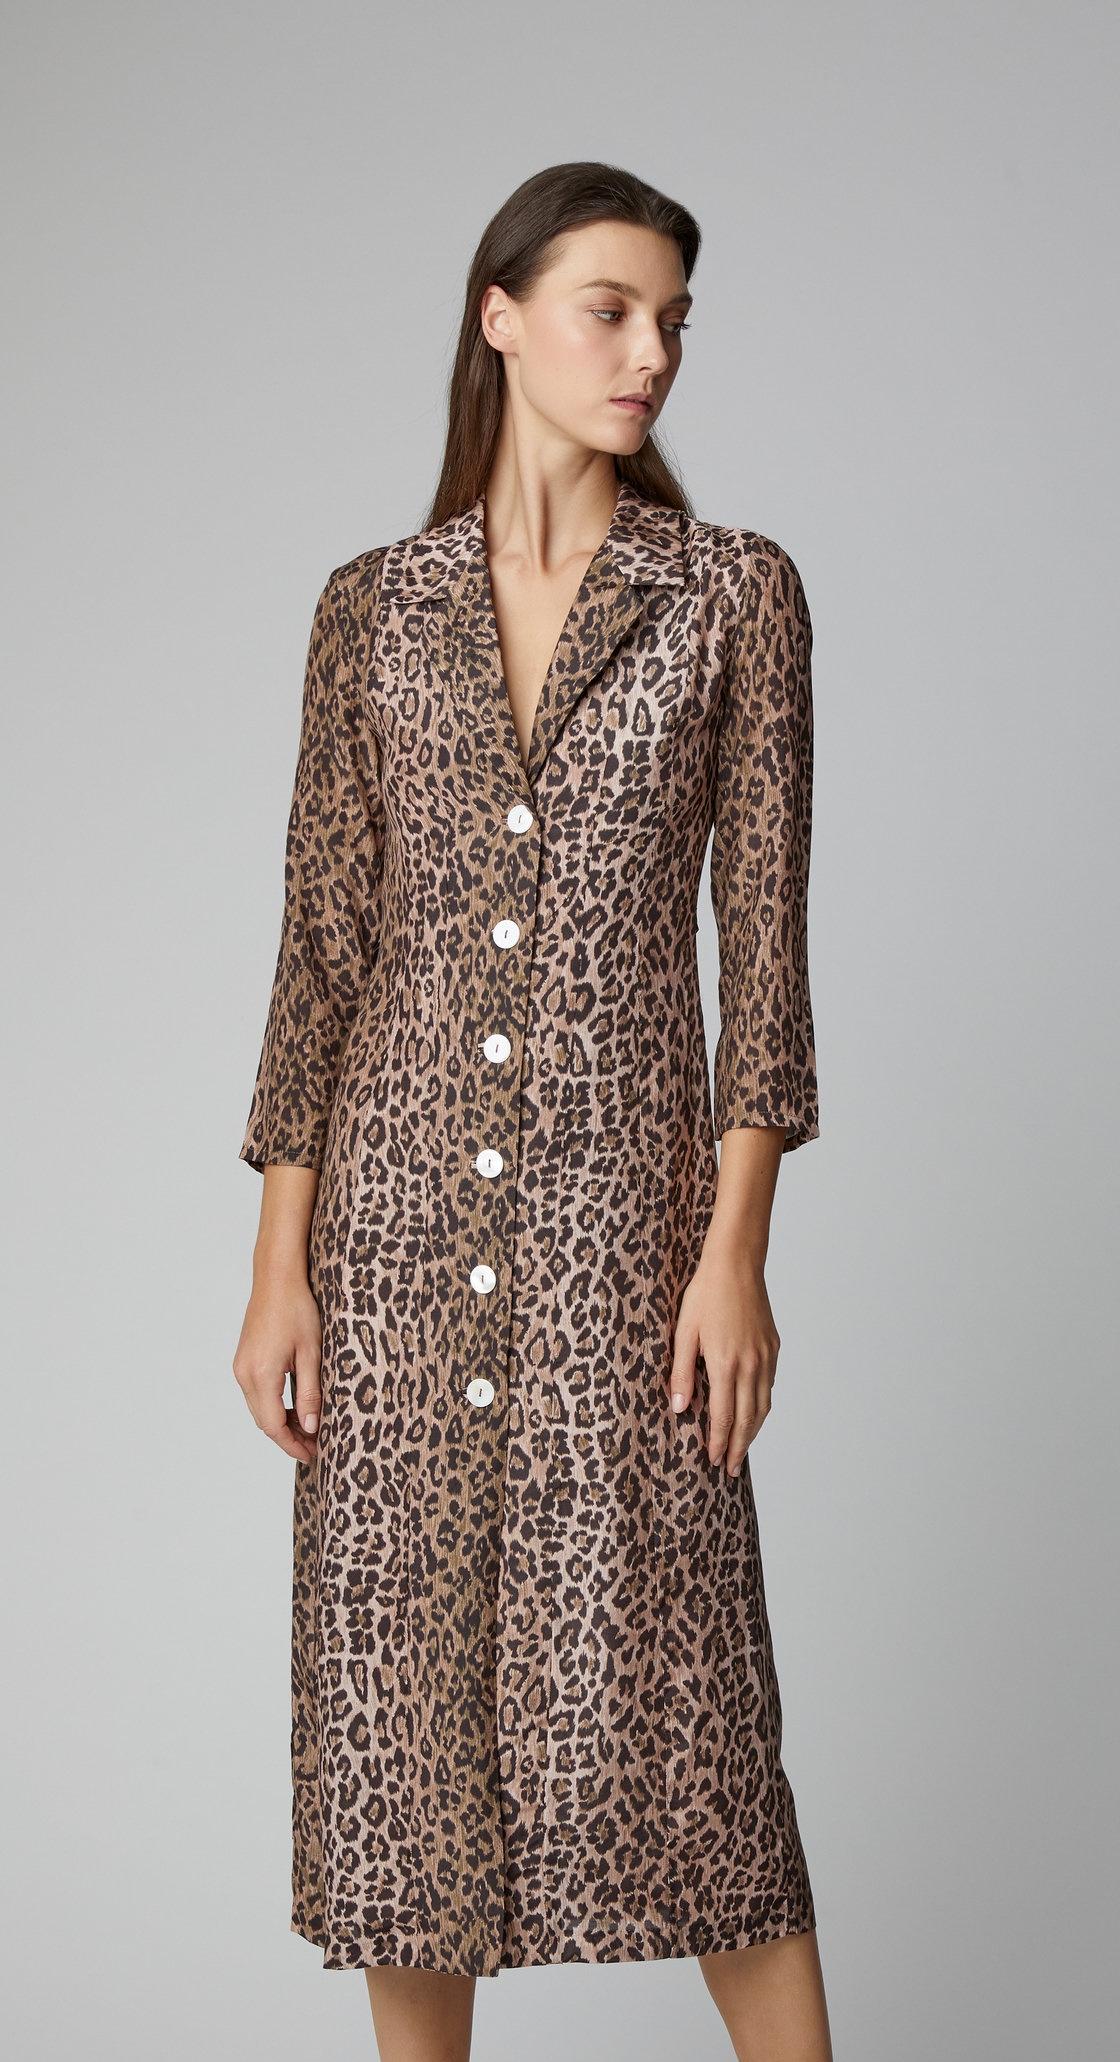 large_rixo-animal-sienna-cheetah-print-midi-shirt-dress.jpg